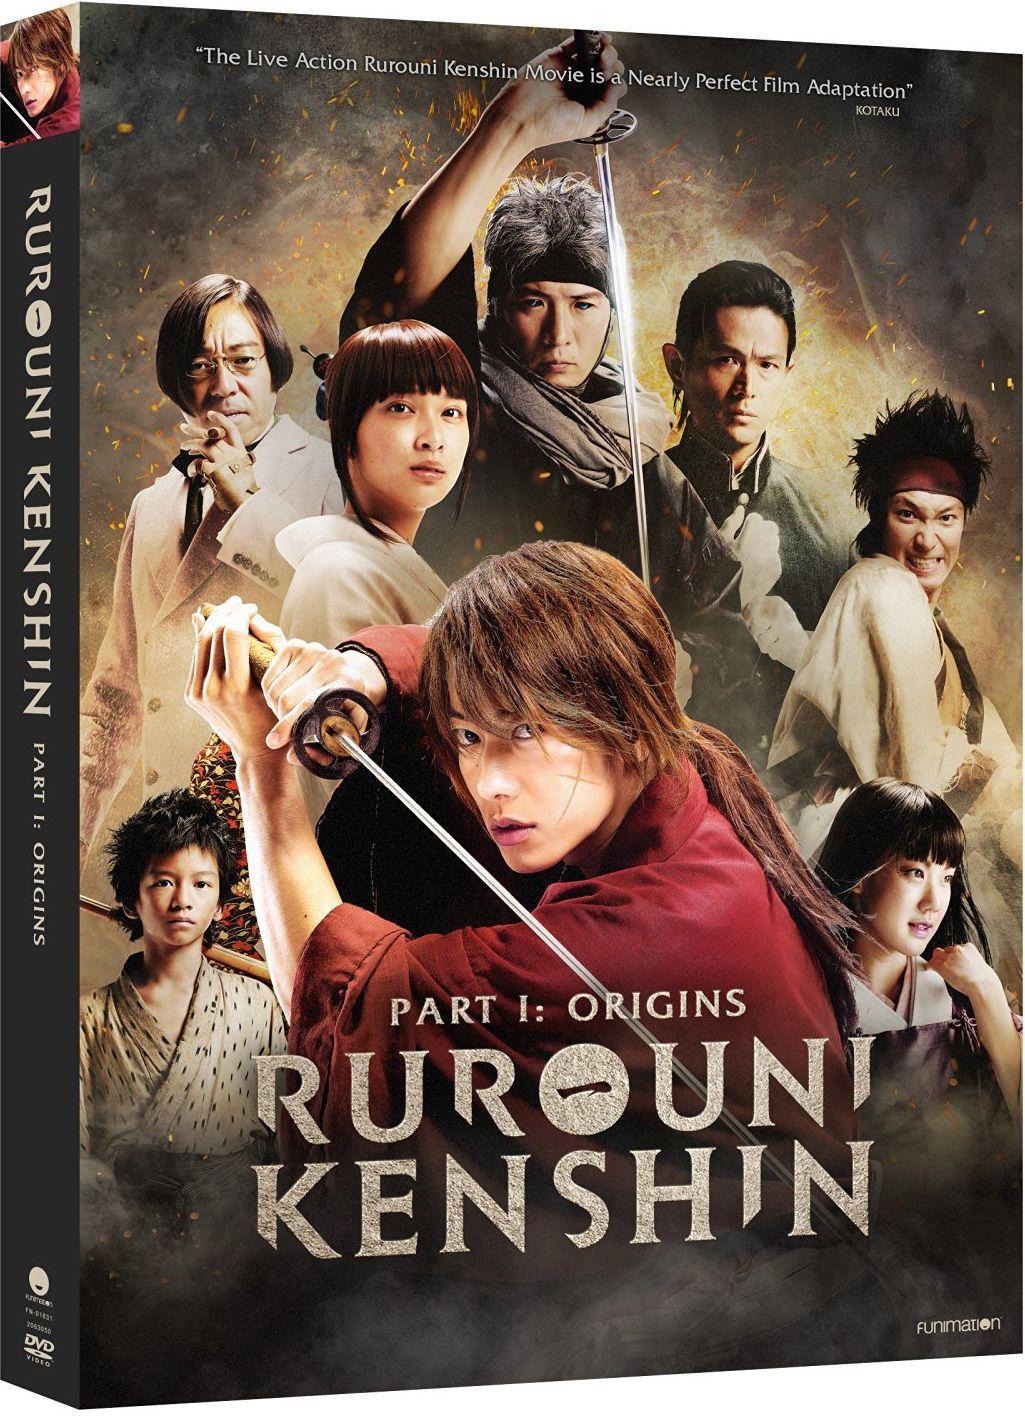 Rurouni Kenshin Origins Part I Rurouni kenshin movie